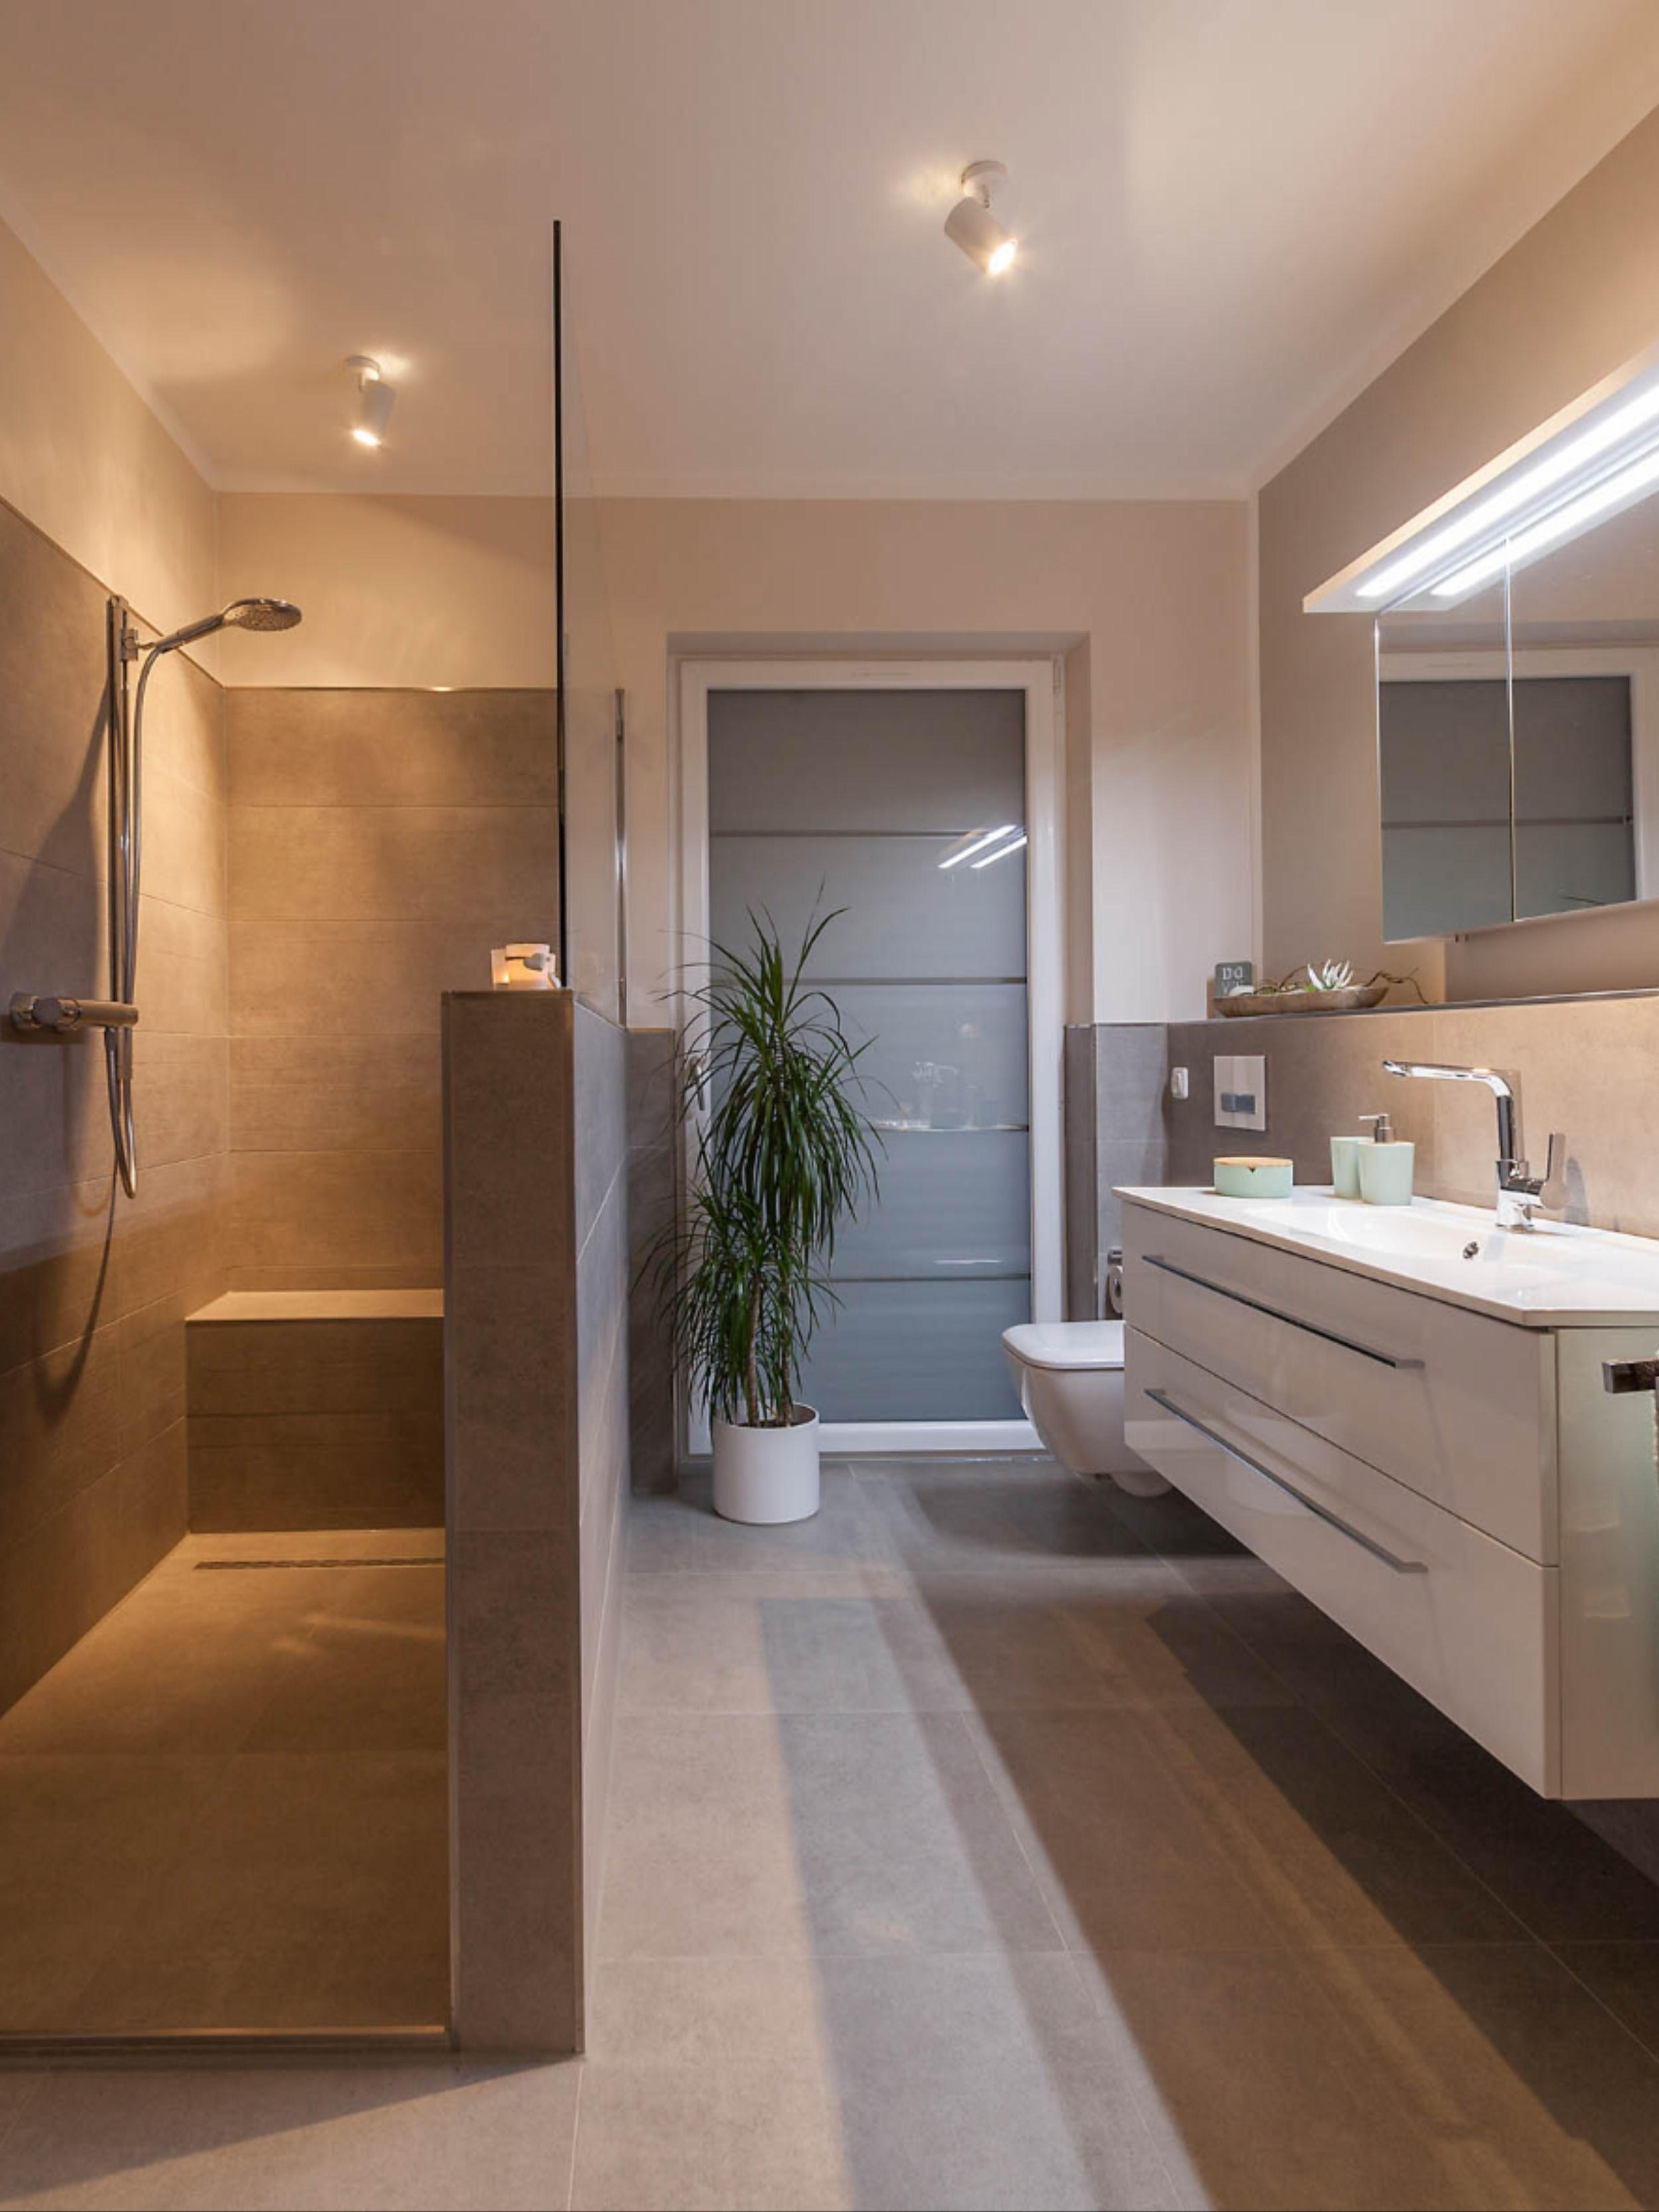 Traumbad Mit Wanne In 2020 Badezimmer Renovieren Badezimmer Moderne Dusche